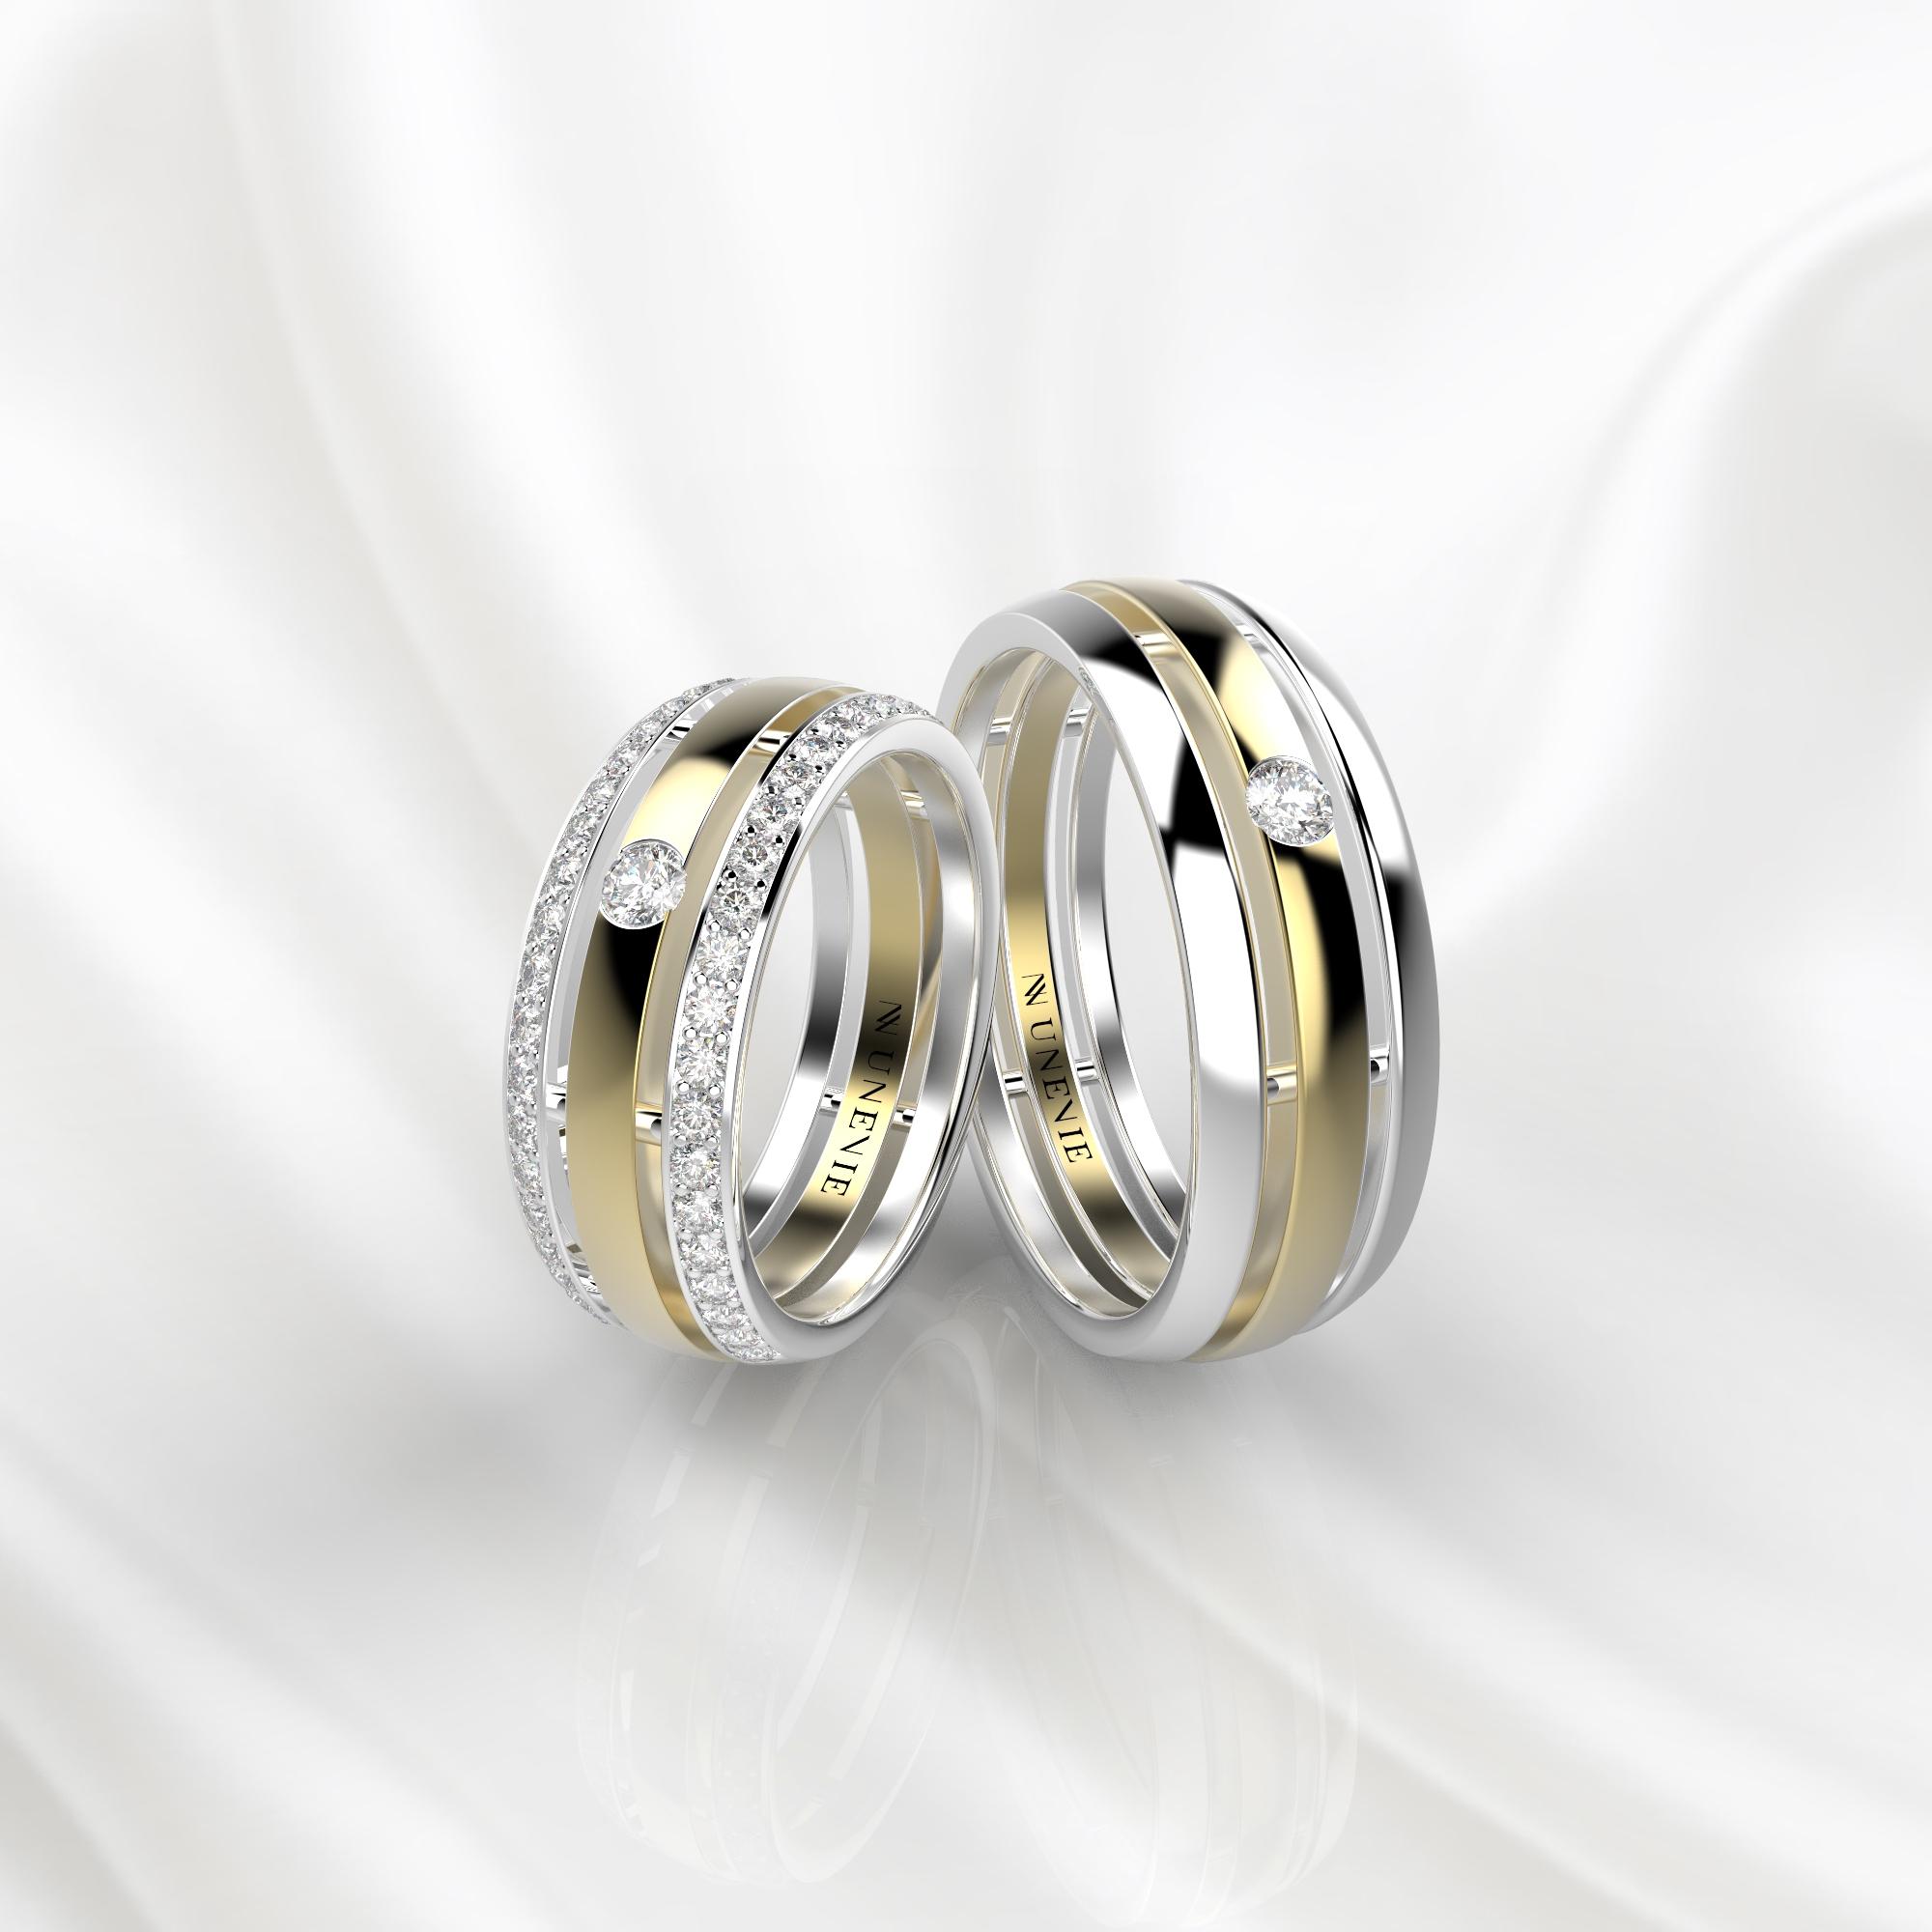 NV51 Парные обручальные кольца из бело-желтого золота с бриллиантами